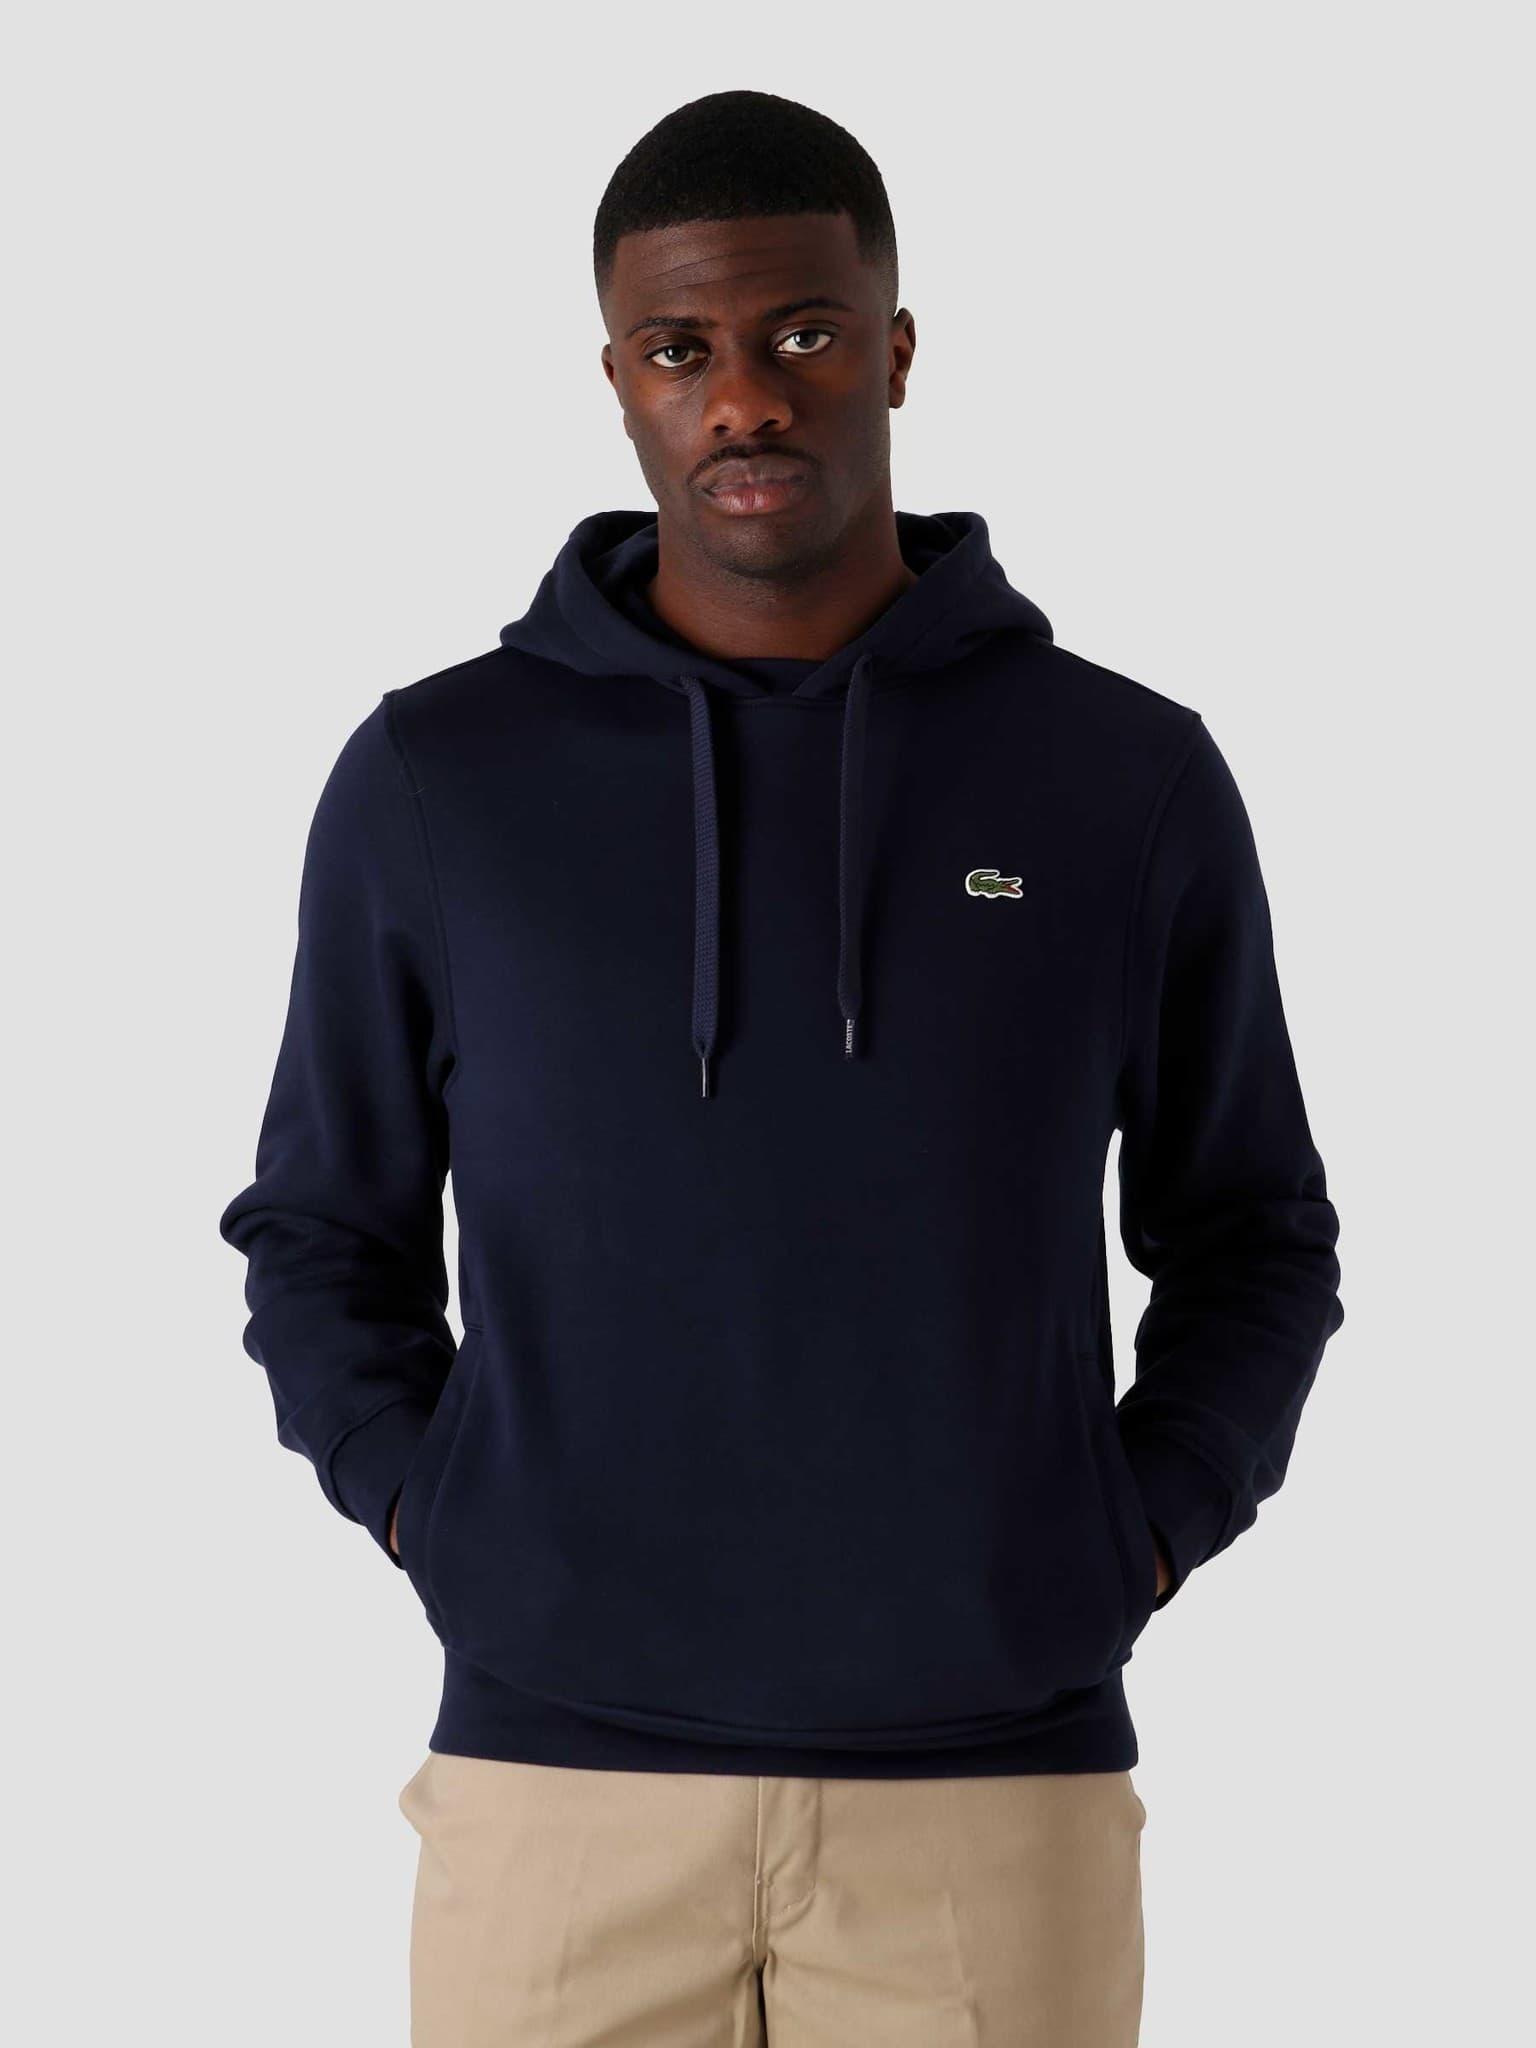 1HS1 Men's Sweater Navy Blue SH1527-11